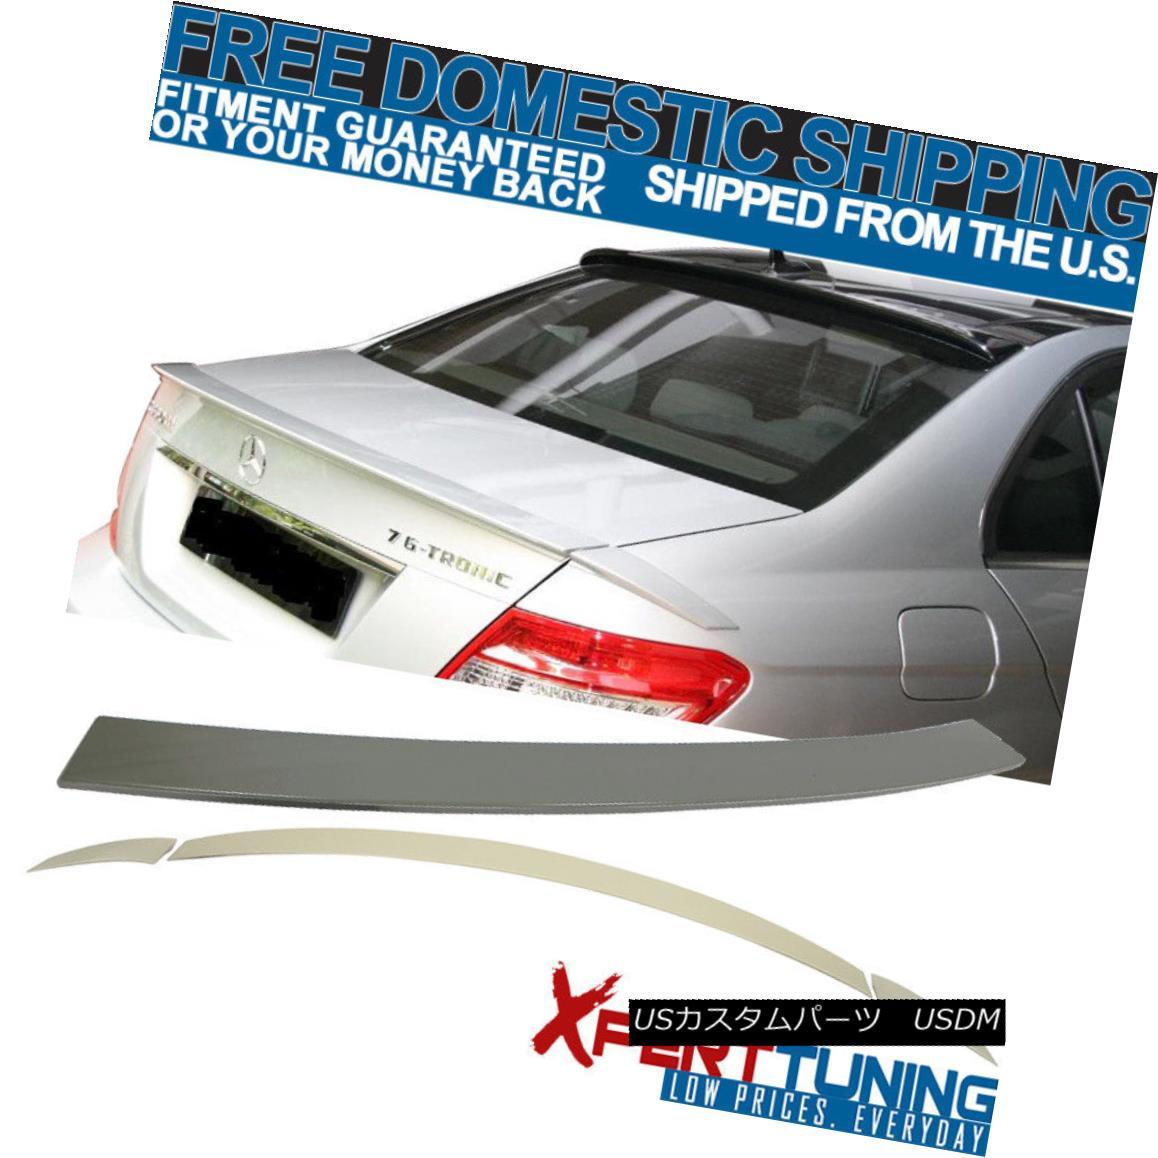 エアロパーツ 08-14 Benz C Class W204 4Dr Brabus Trunk Spoiler + OE Roof Spoiler Unpainted ABS 08-14ベンツCクラスW204 4Drブラバストランクスポイラー+ OEルーフスポイラー無塗装ABS